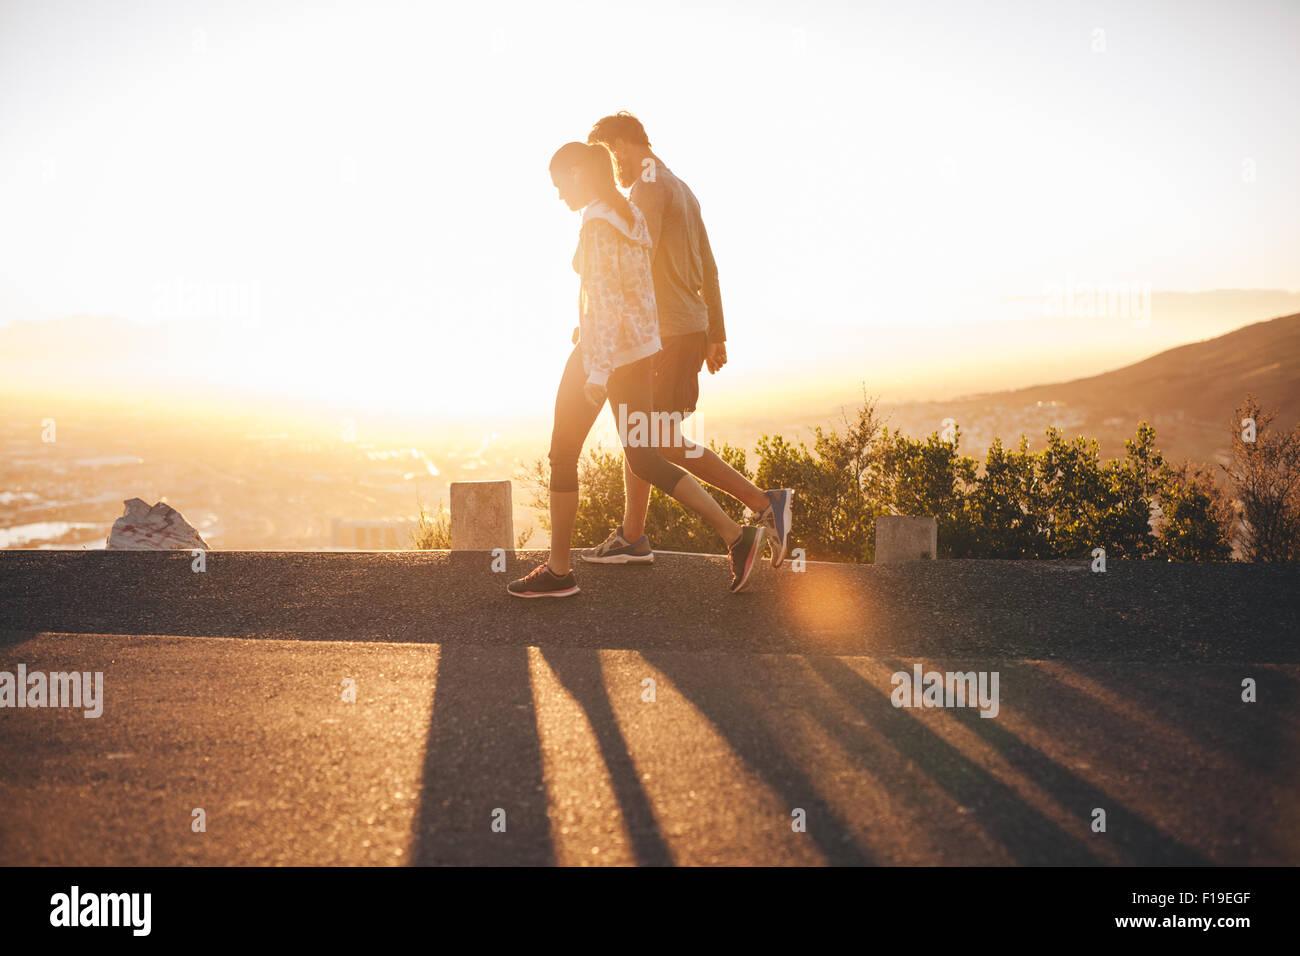 Par de caminar a lo largo de la carretera al amanecer. Par hablando un paseo en Hillside road con luz solar brillante. Foto de stock